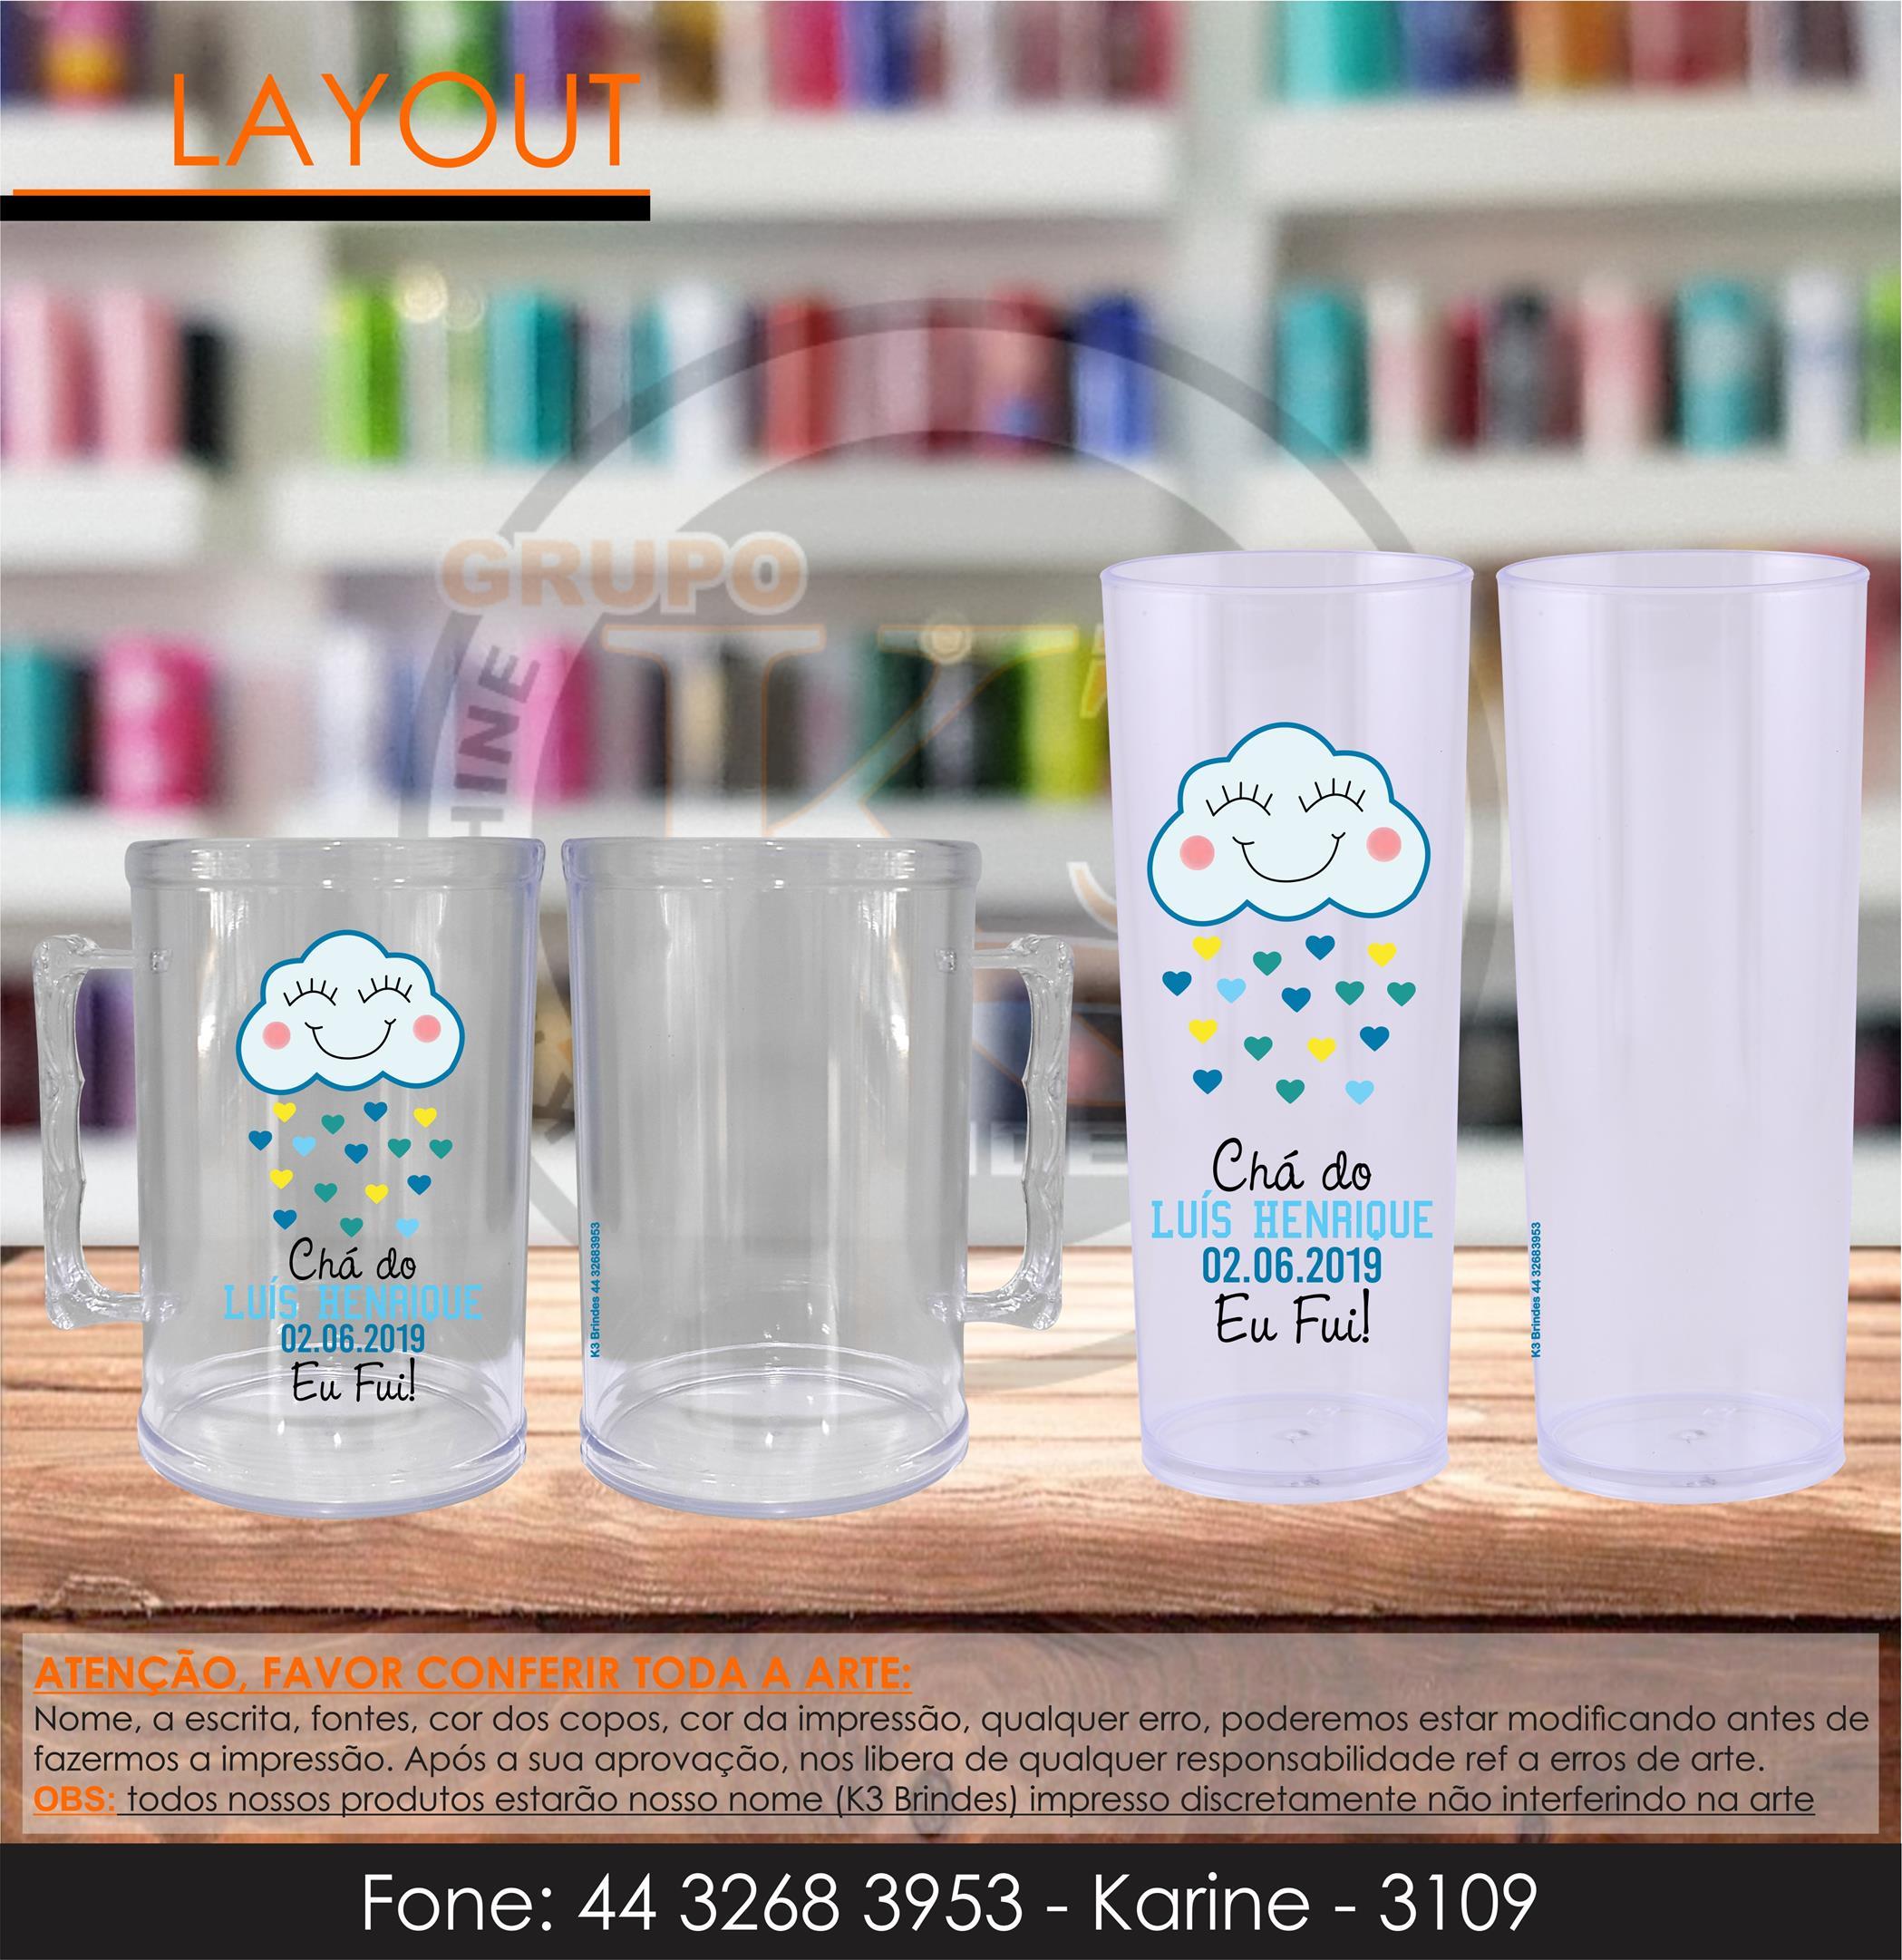 3109 - caneca cristal e long drink cristal - chuva de amor - transfer - infantil -